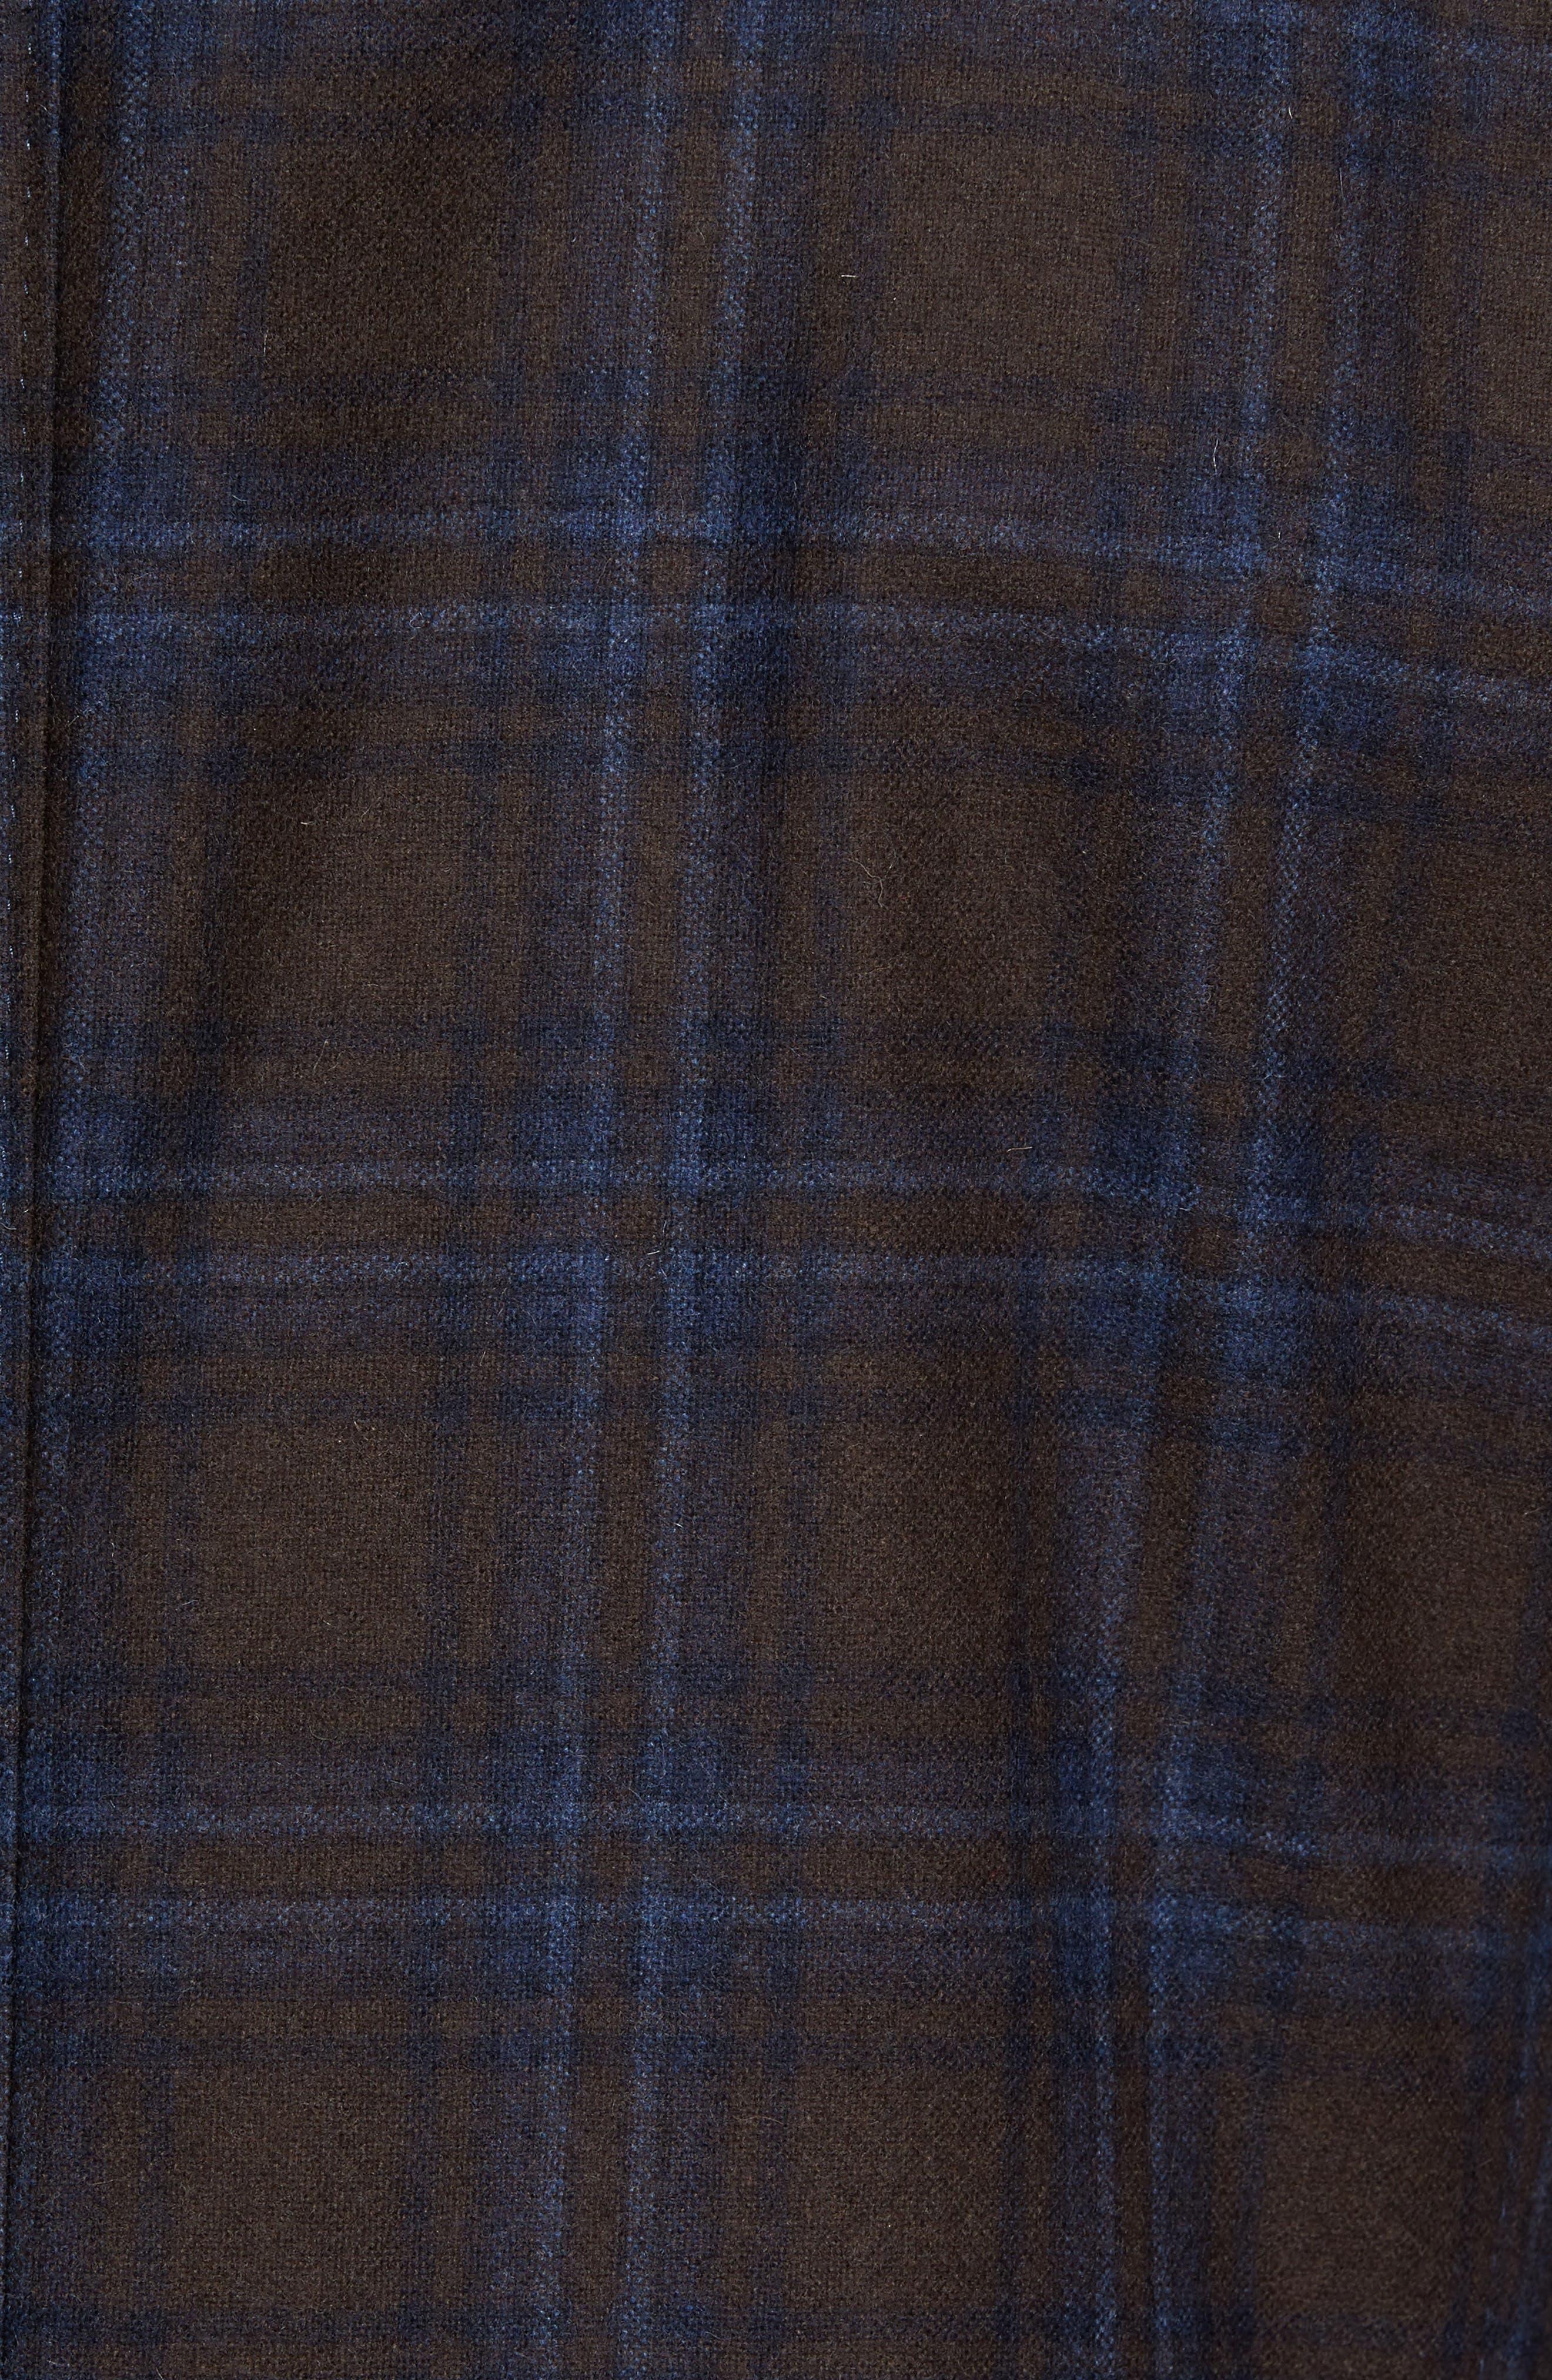 Trim Fit Plaid Wool Blend Sport Coat,                             Alternate thumbnail 6, color,                             230